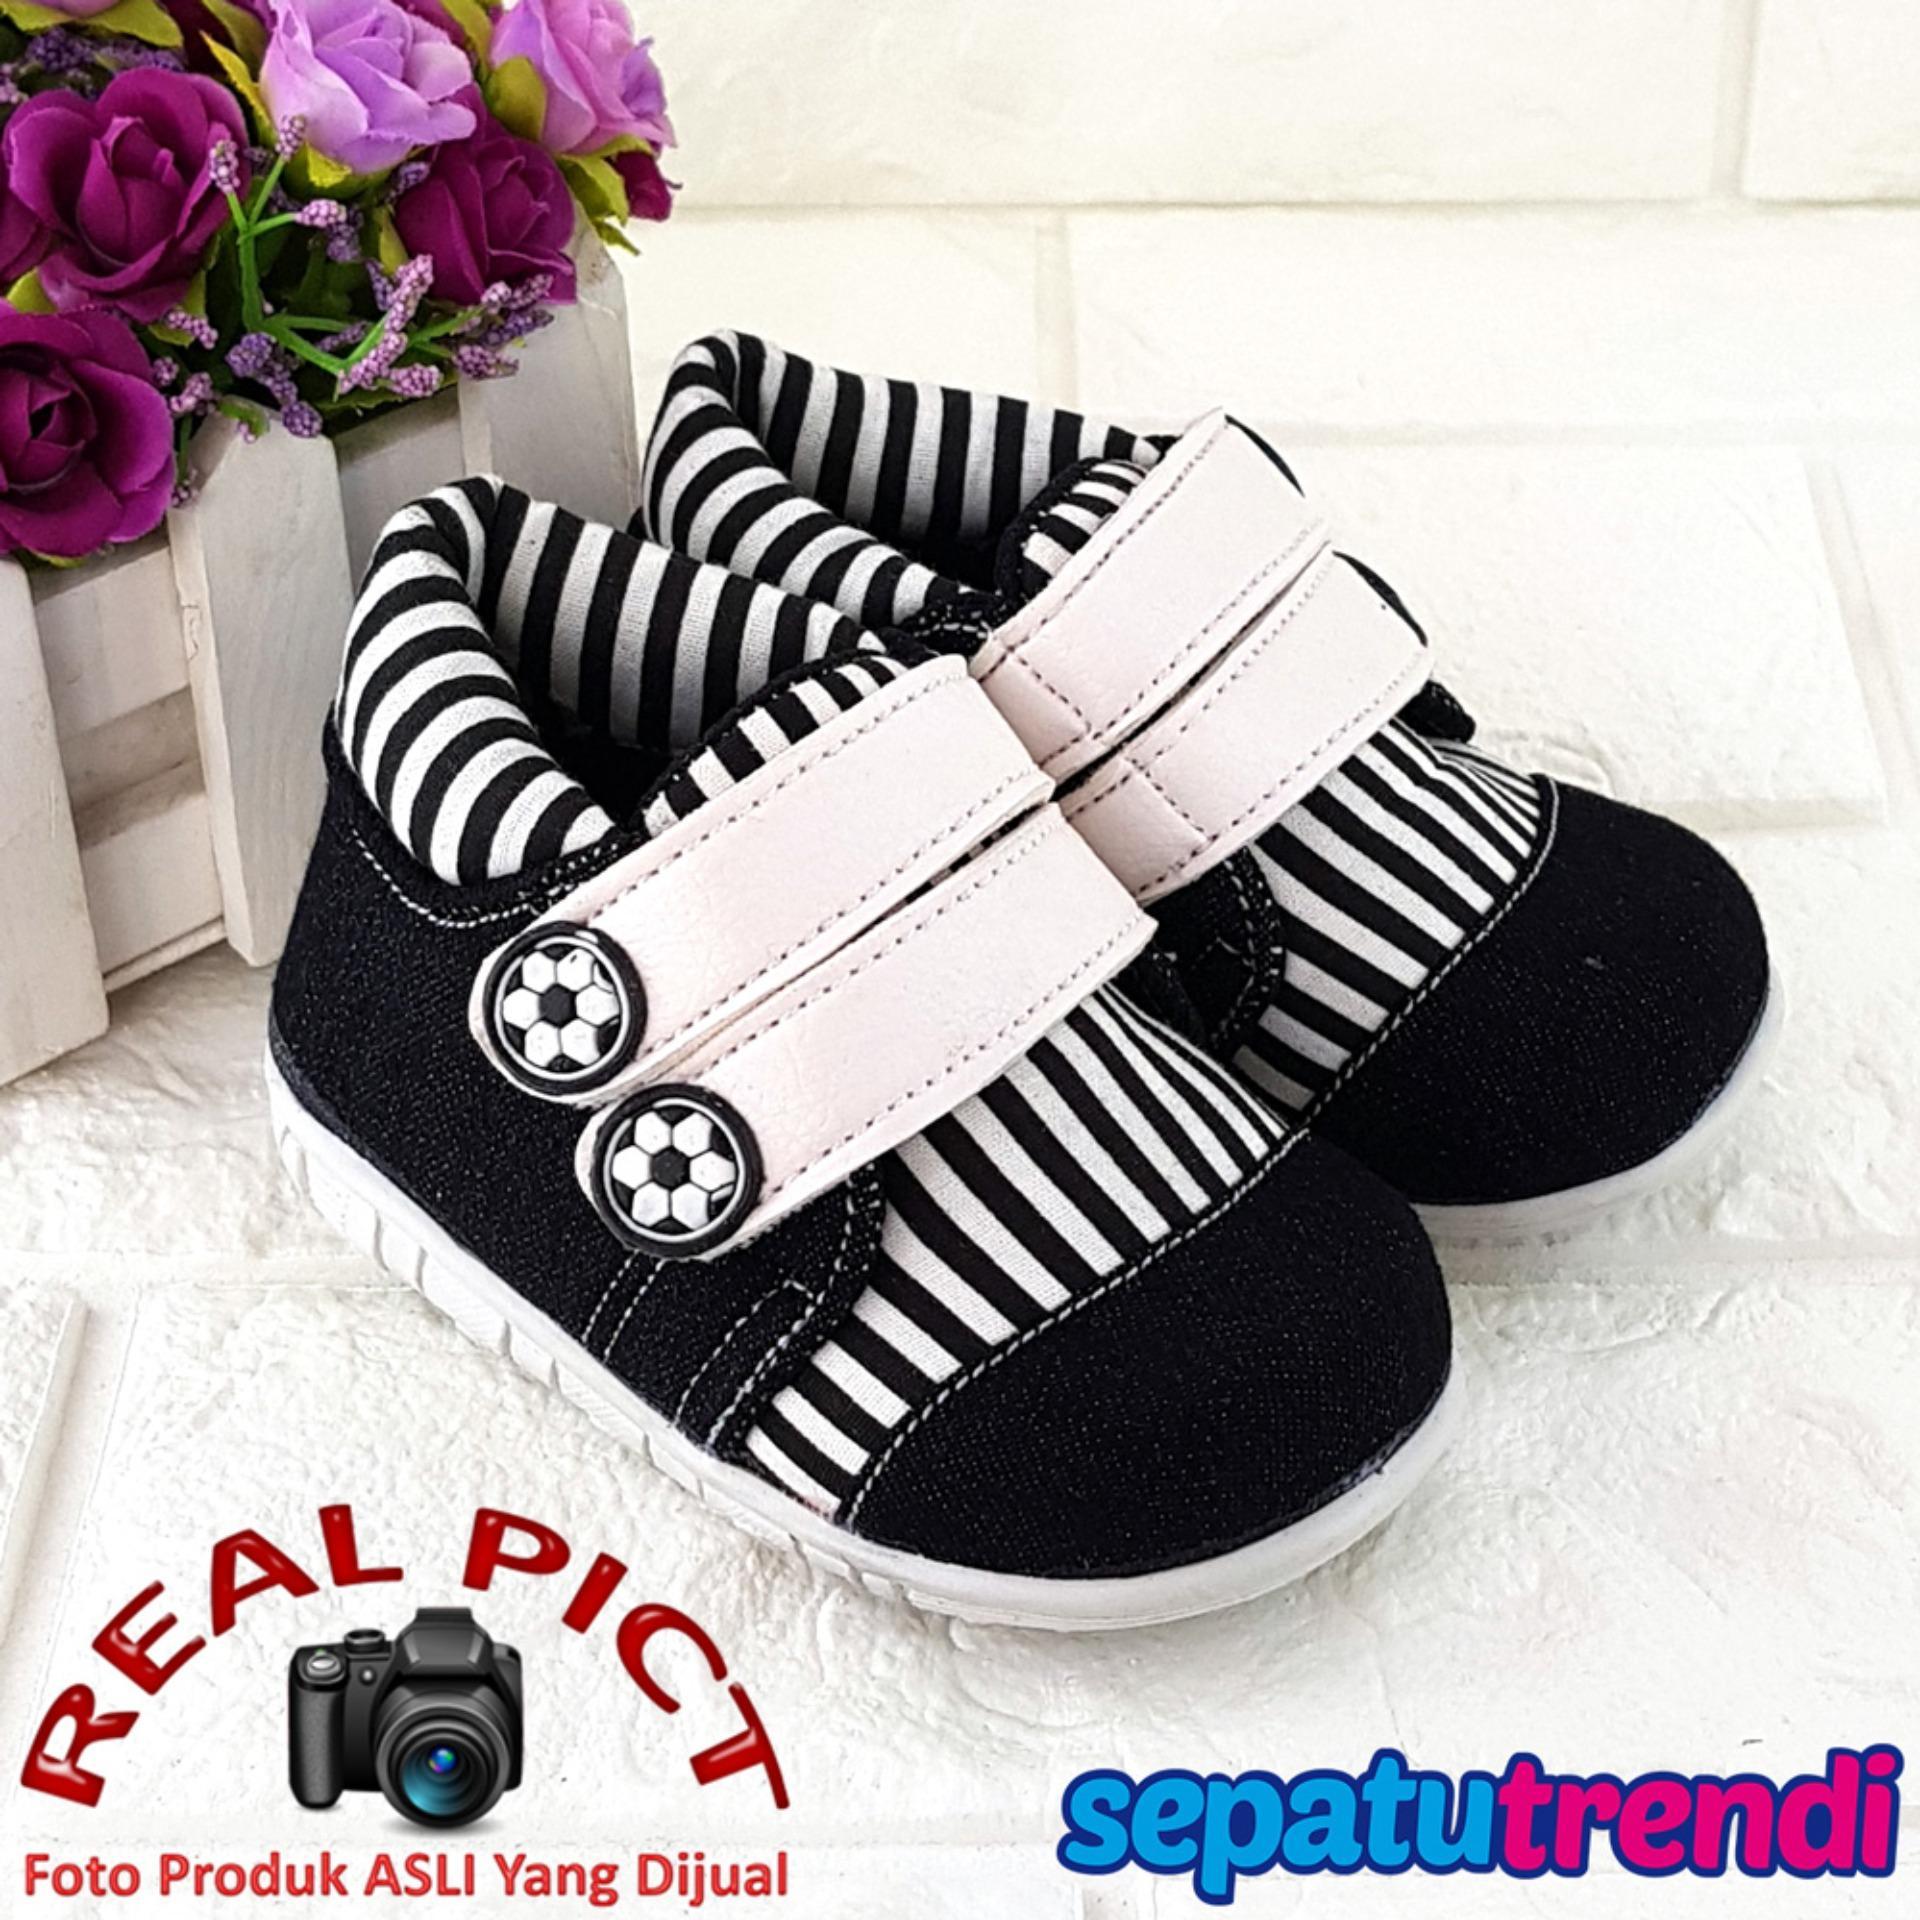 Spesifikasi Trendi Sepatu Low Boot Anak Laki Batita Salur Jvnslr Trendi